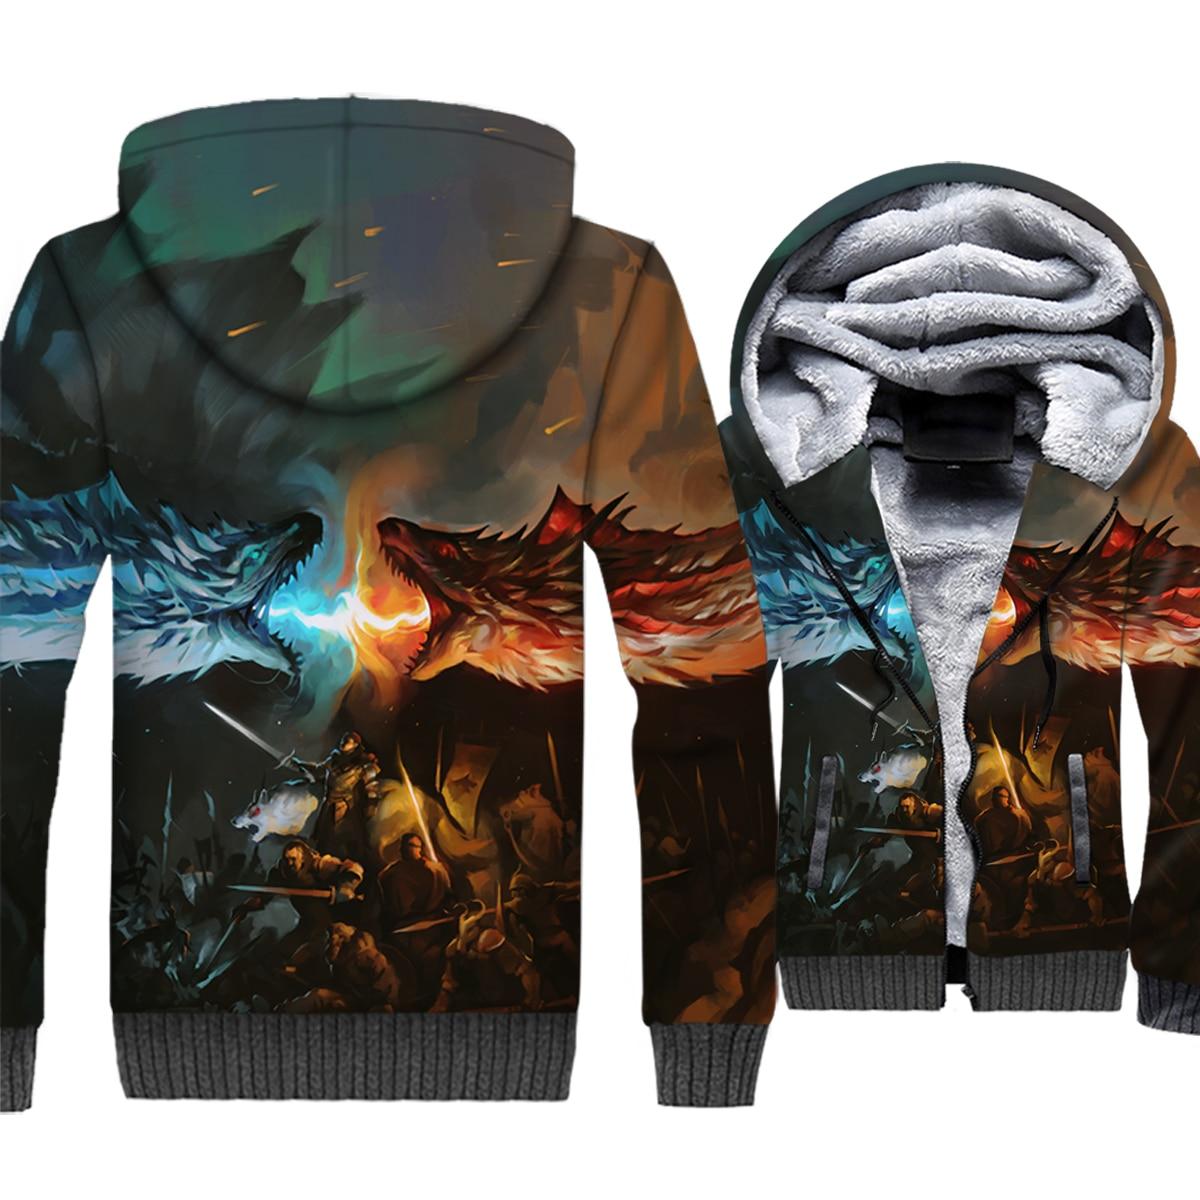 Men's Sweatshirt Fire And Blood Hoody 2018 Streetwear Targaryen Dragon 3D Jacket Game Of Thrones Harajuku Hoodies Men Top Hoddie